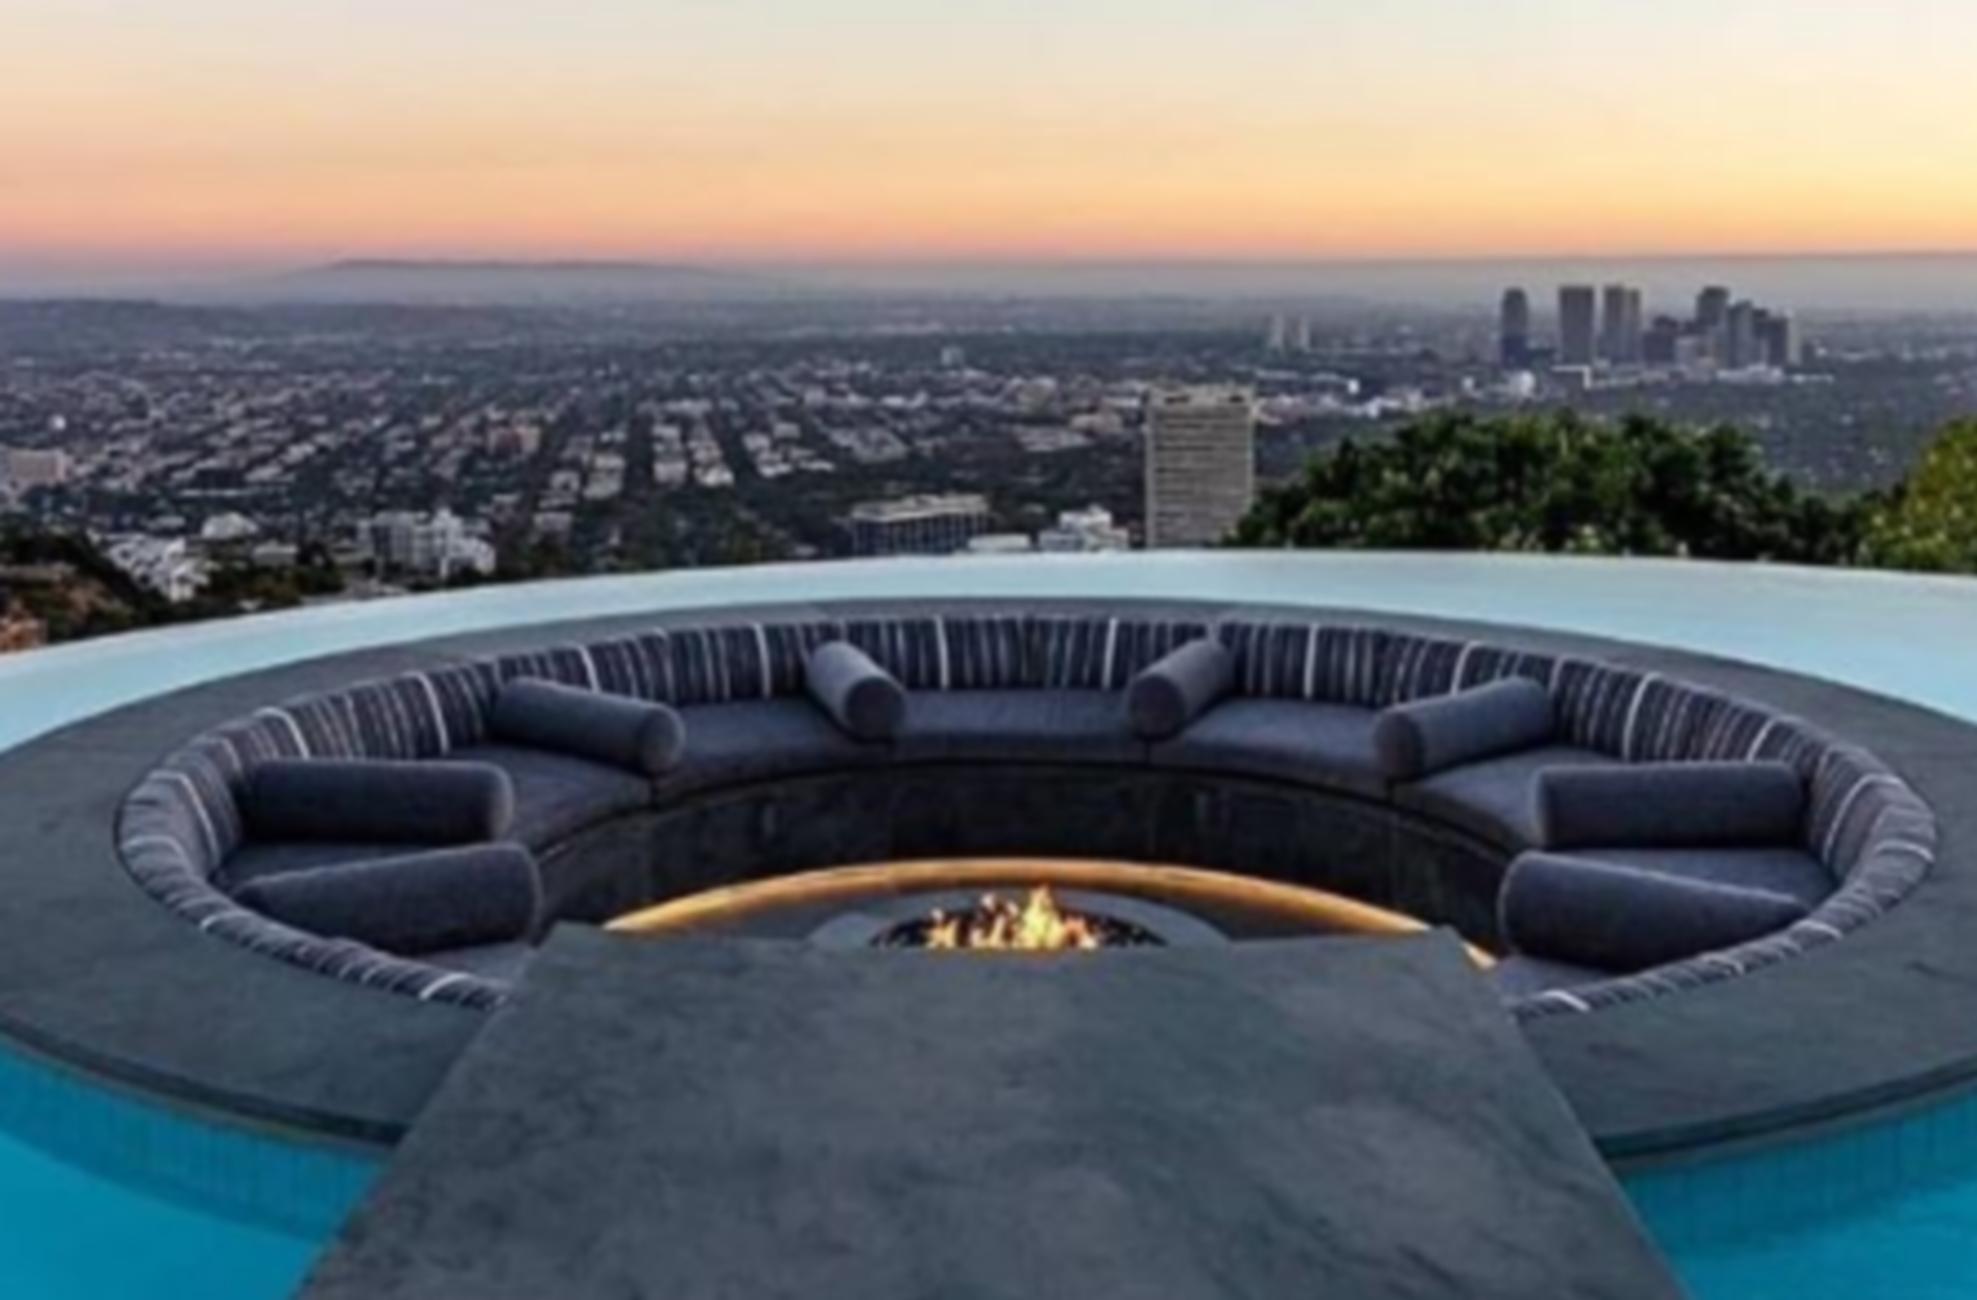 Ο Λεμπρόν Τζέιμς ζει μέσα στην απόλυτη χλιδή – Εντυπωσιάζουν οι φωτογραφίες από τη βίλα του στο Λος Άντζελες